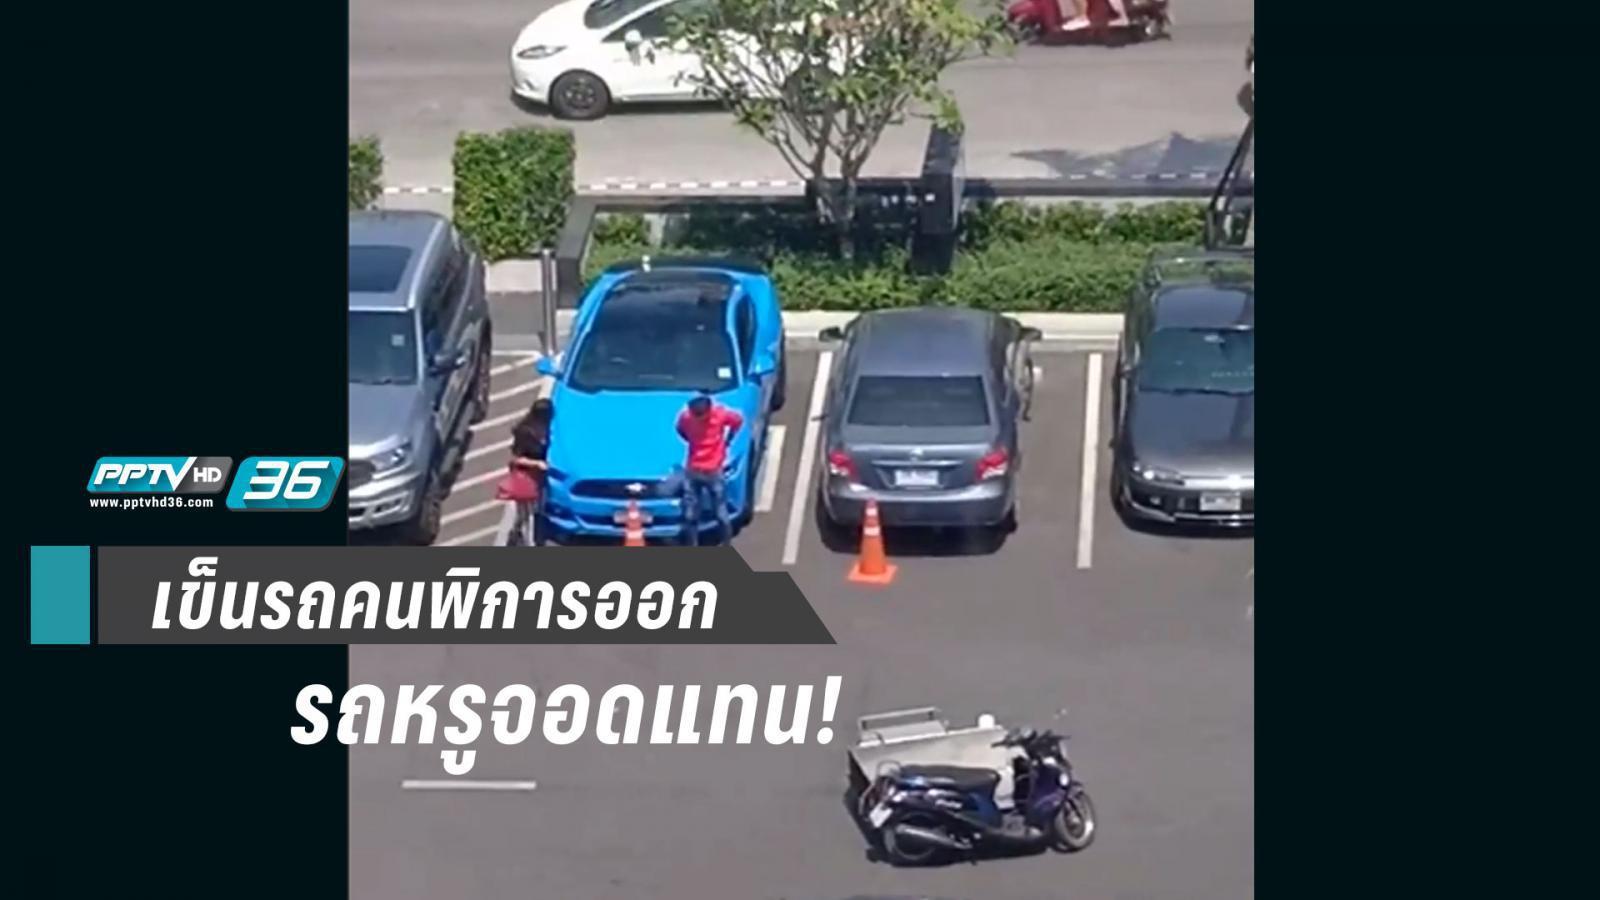 สาวโวย โดนเข็นมอ'ไซค์พ่วงข้างออกช่องจอดพิการ แล้วรถหรูเสียบแทน